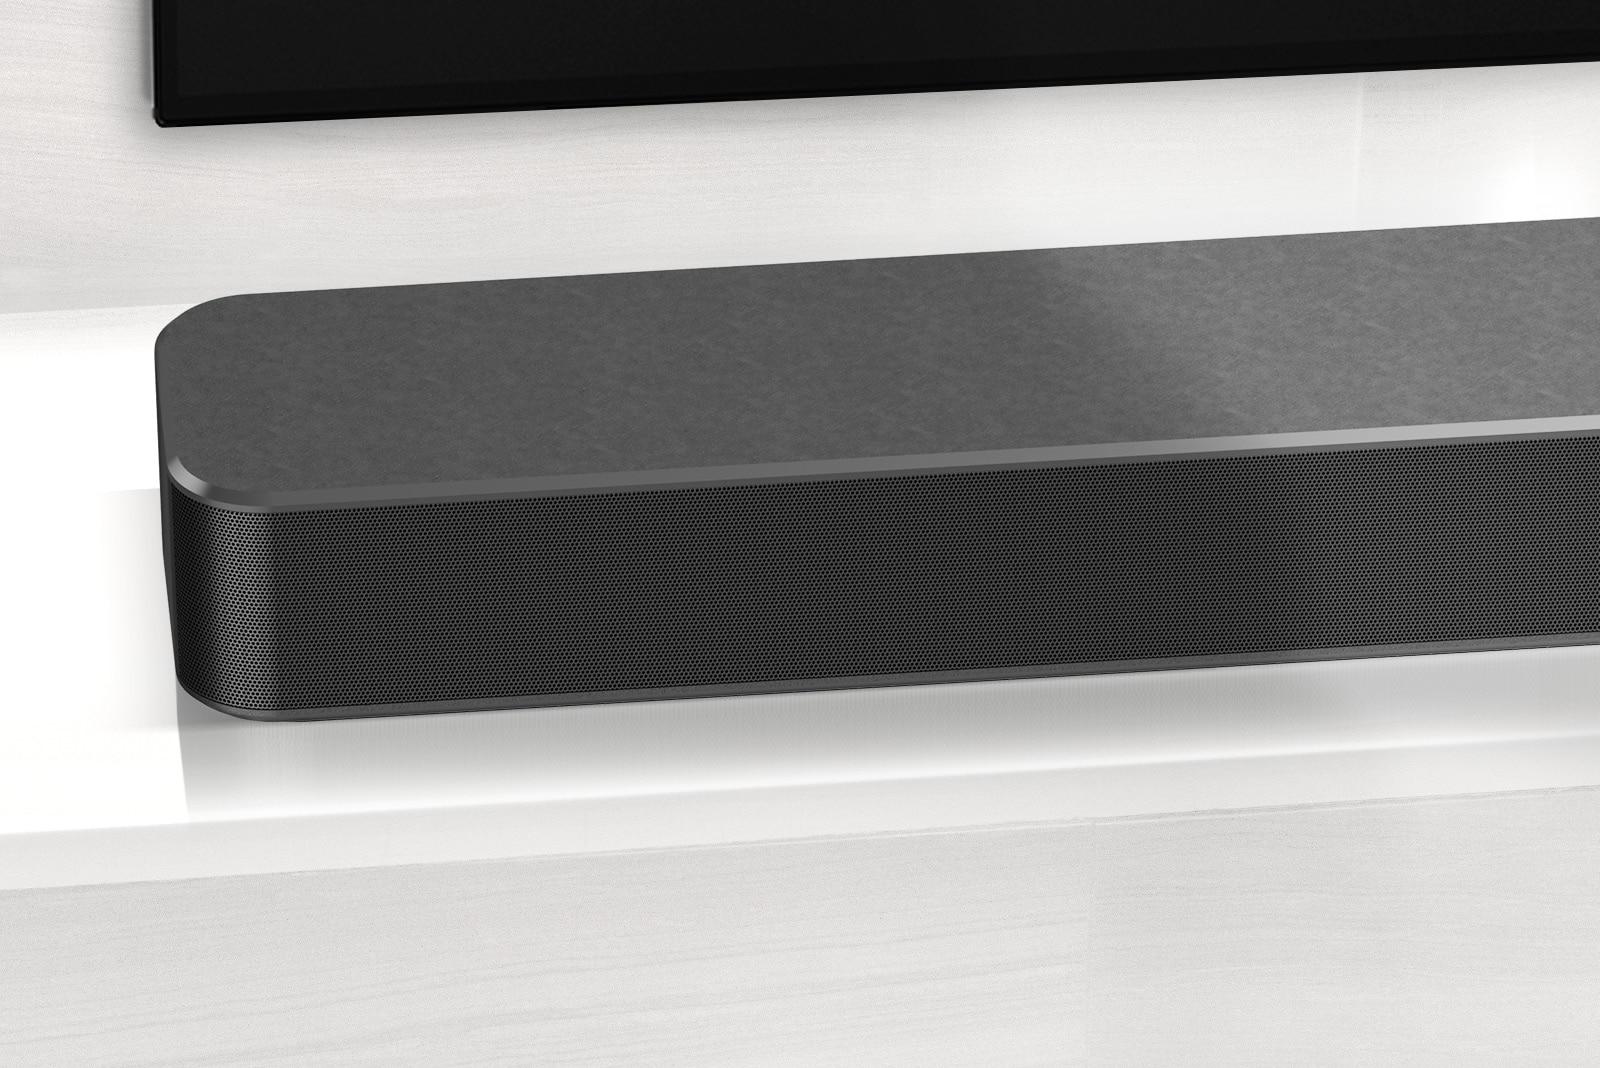 Ráközelítés az LG hangprojektor bal sarkára. A TV bal alsó oldala szintén látható.